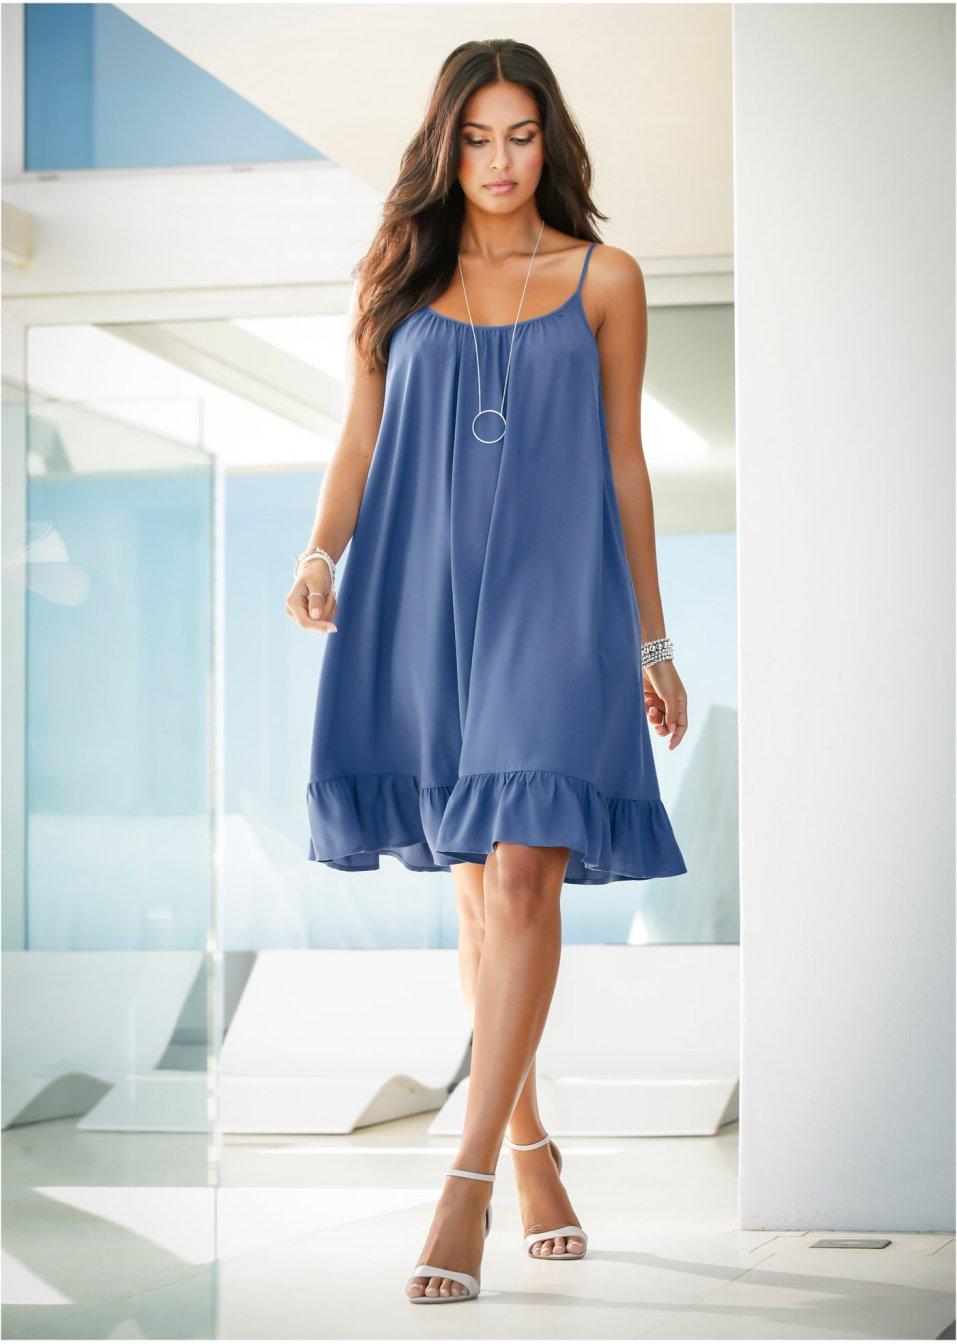 a55e1e09a27 Weites Hängerchen-Kleid mit Volant - indigo